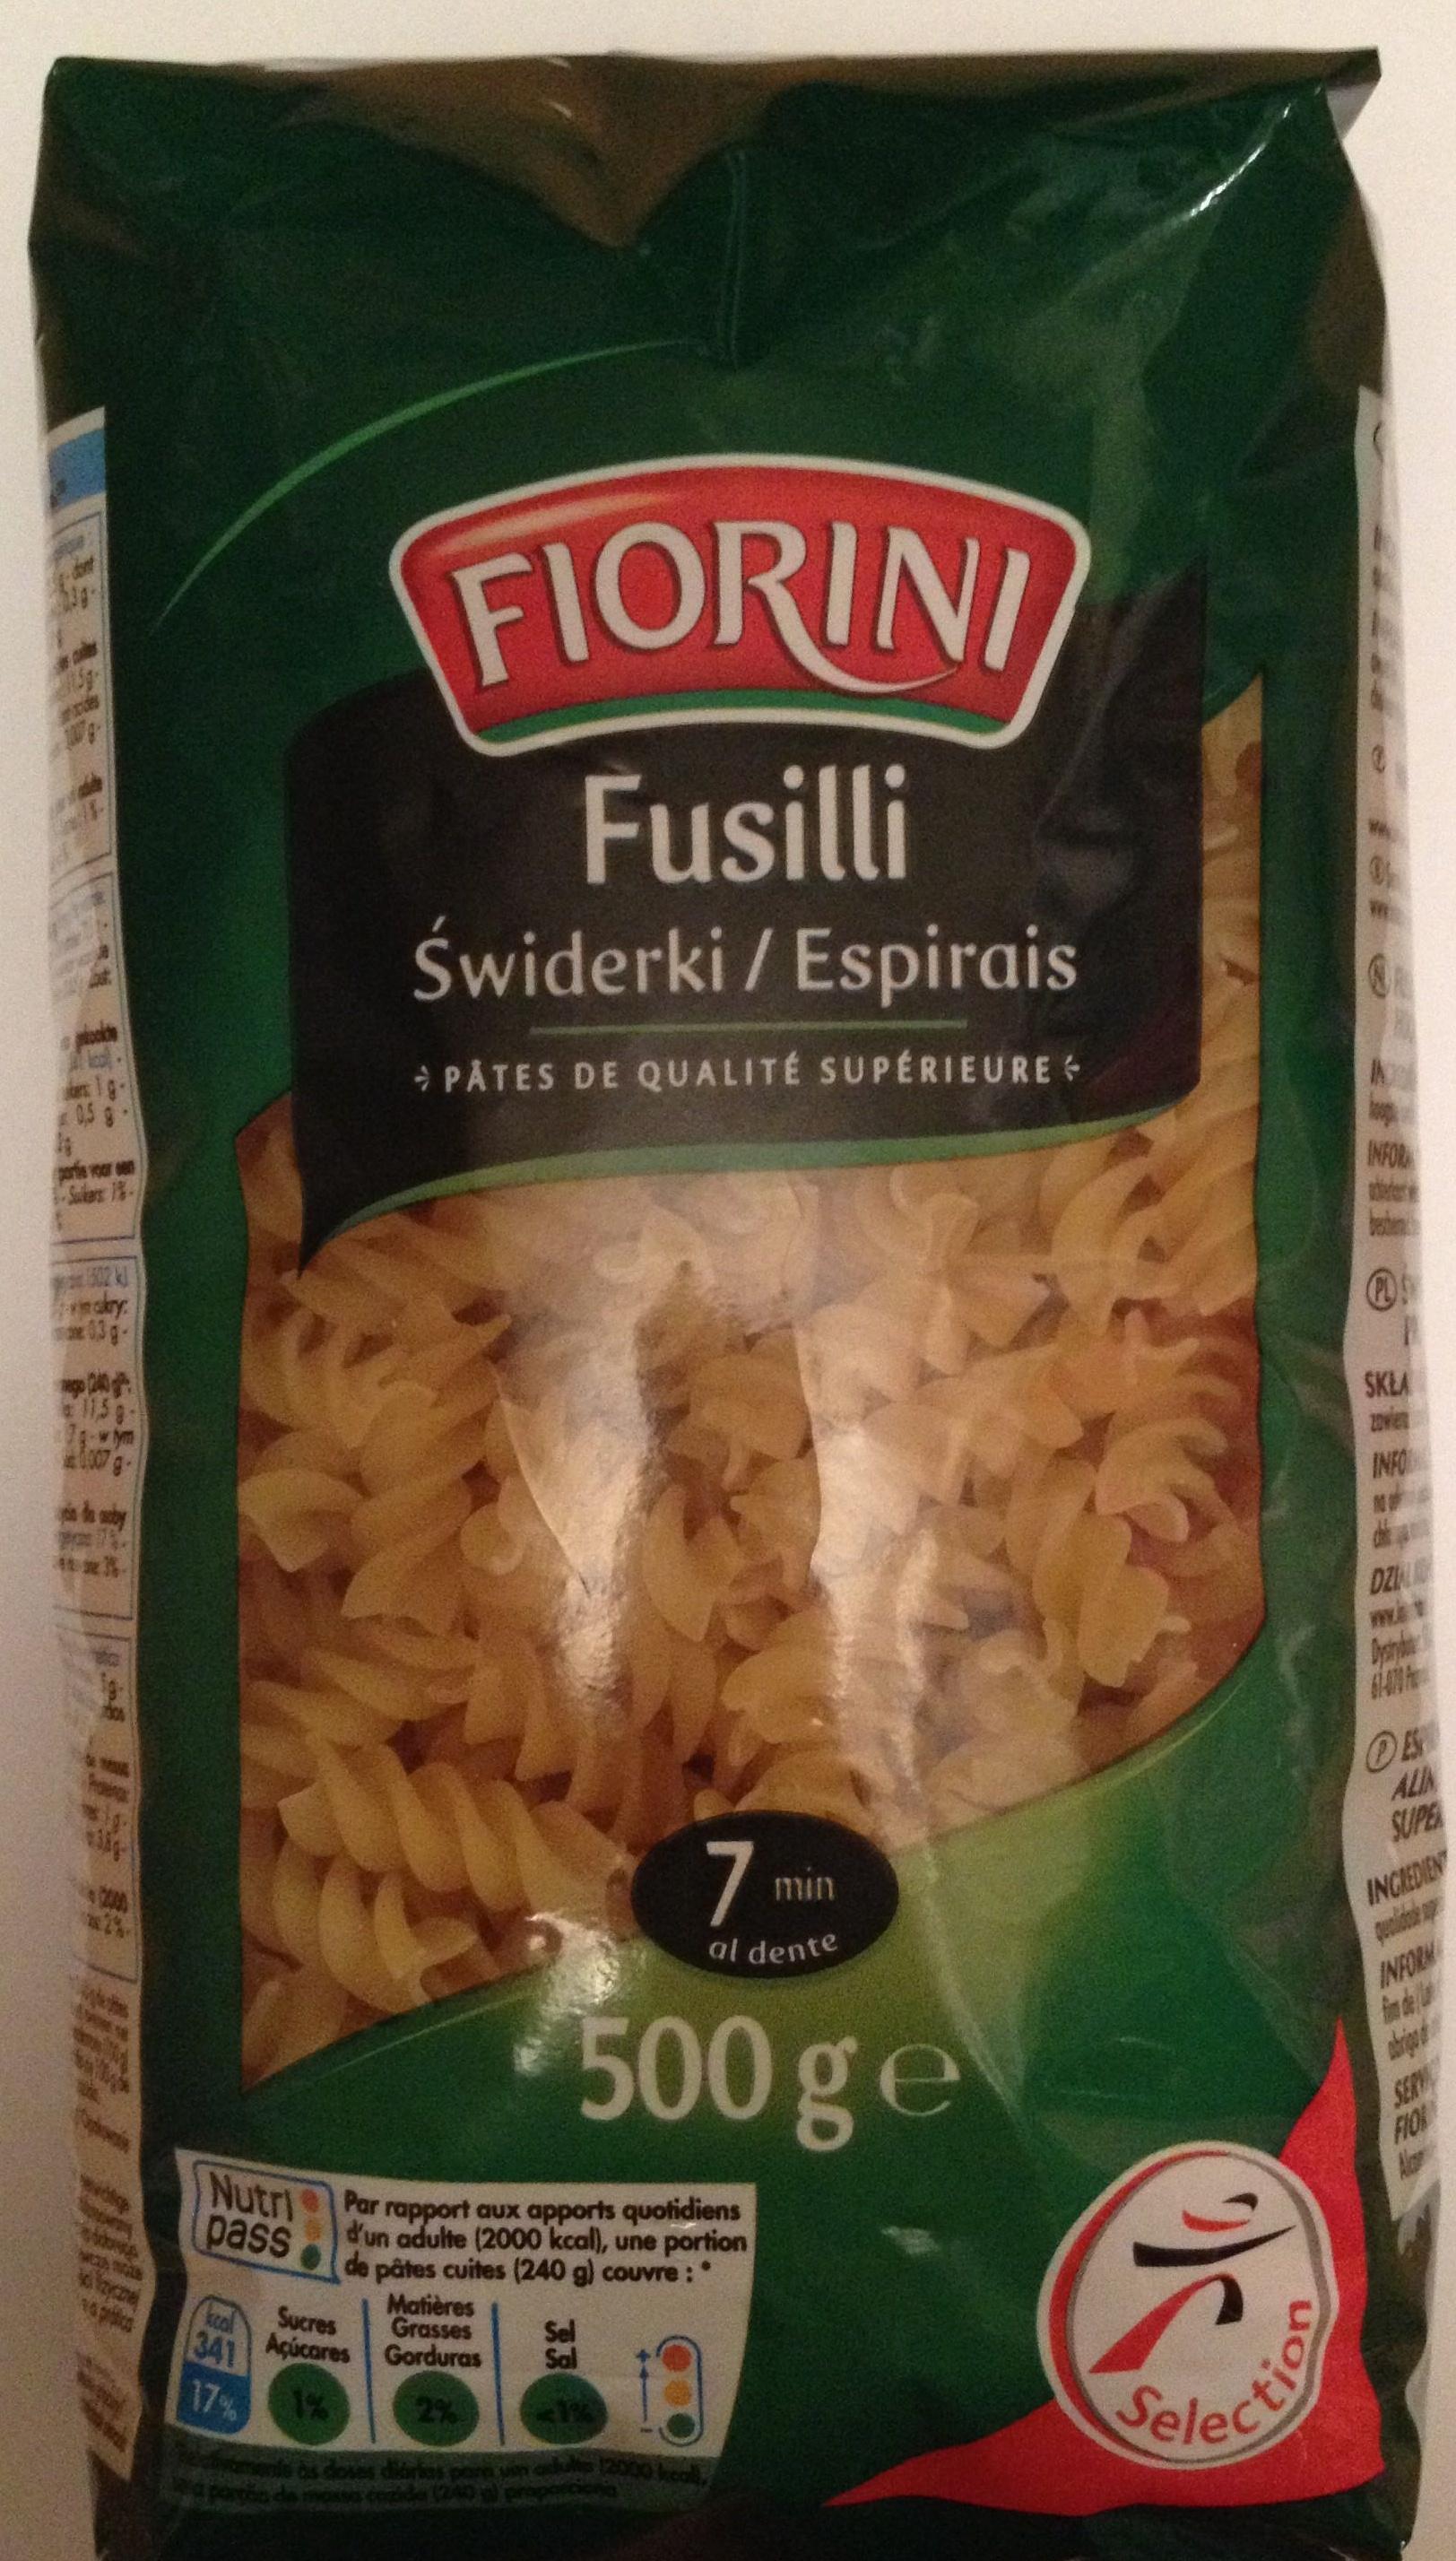 Fusilli (Pâtes de qualité supérieure) - Produit - fr